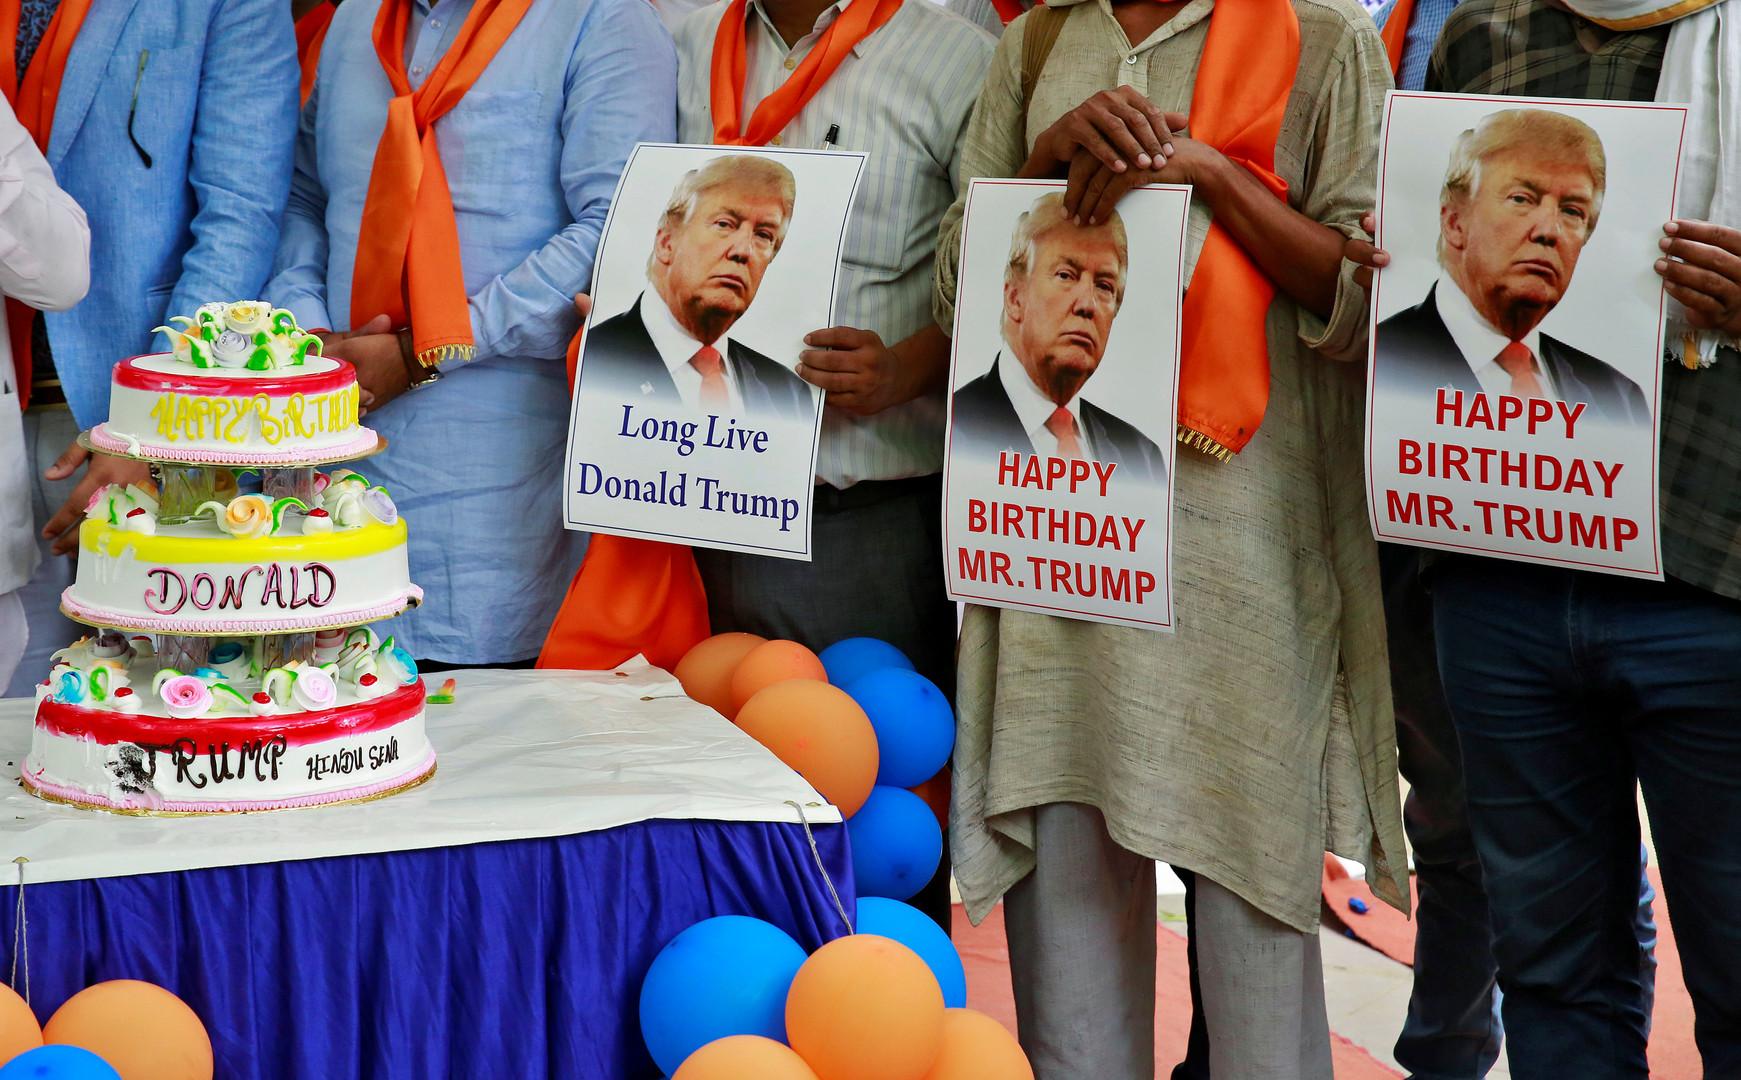 День рождения буржуя. Трампу 70